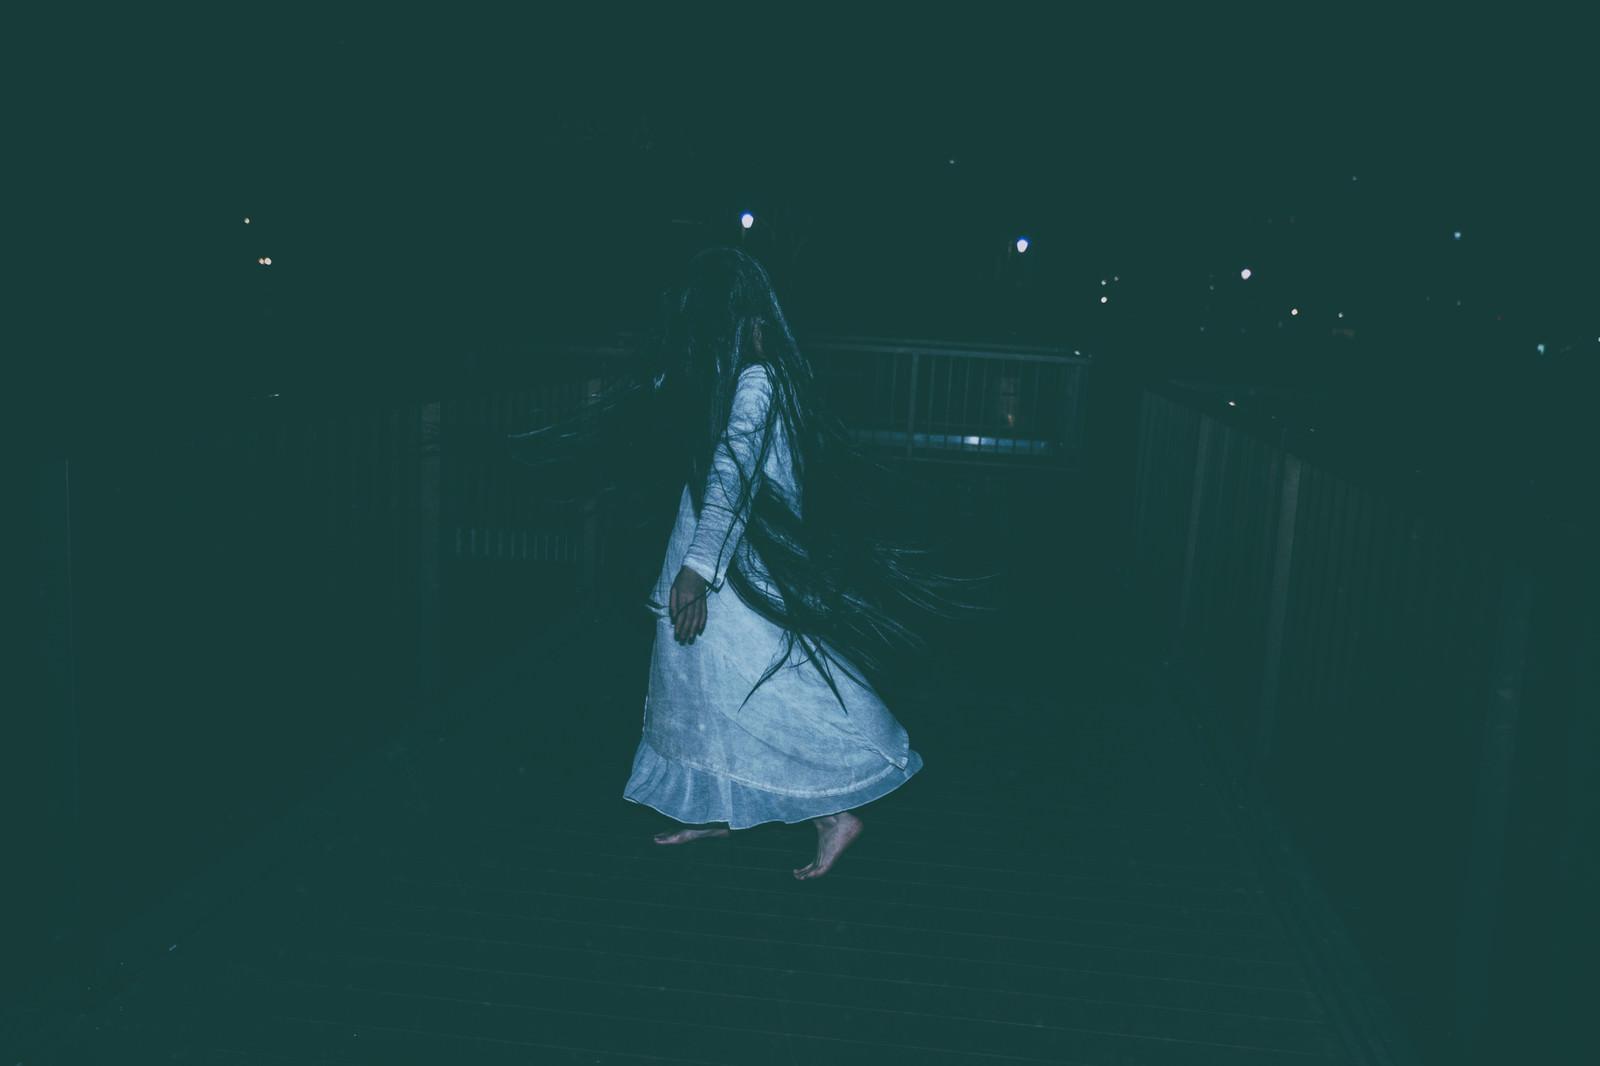 「真夜中に髪の毛を振り乱す女性」の写真[モデル:緋真煉]